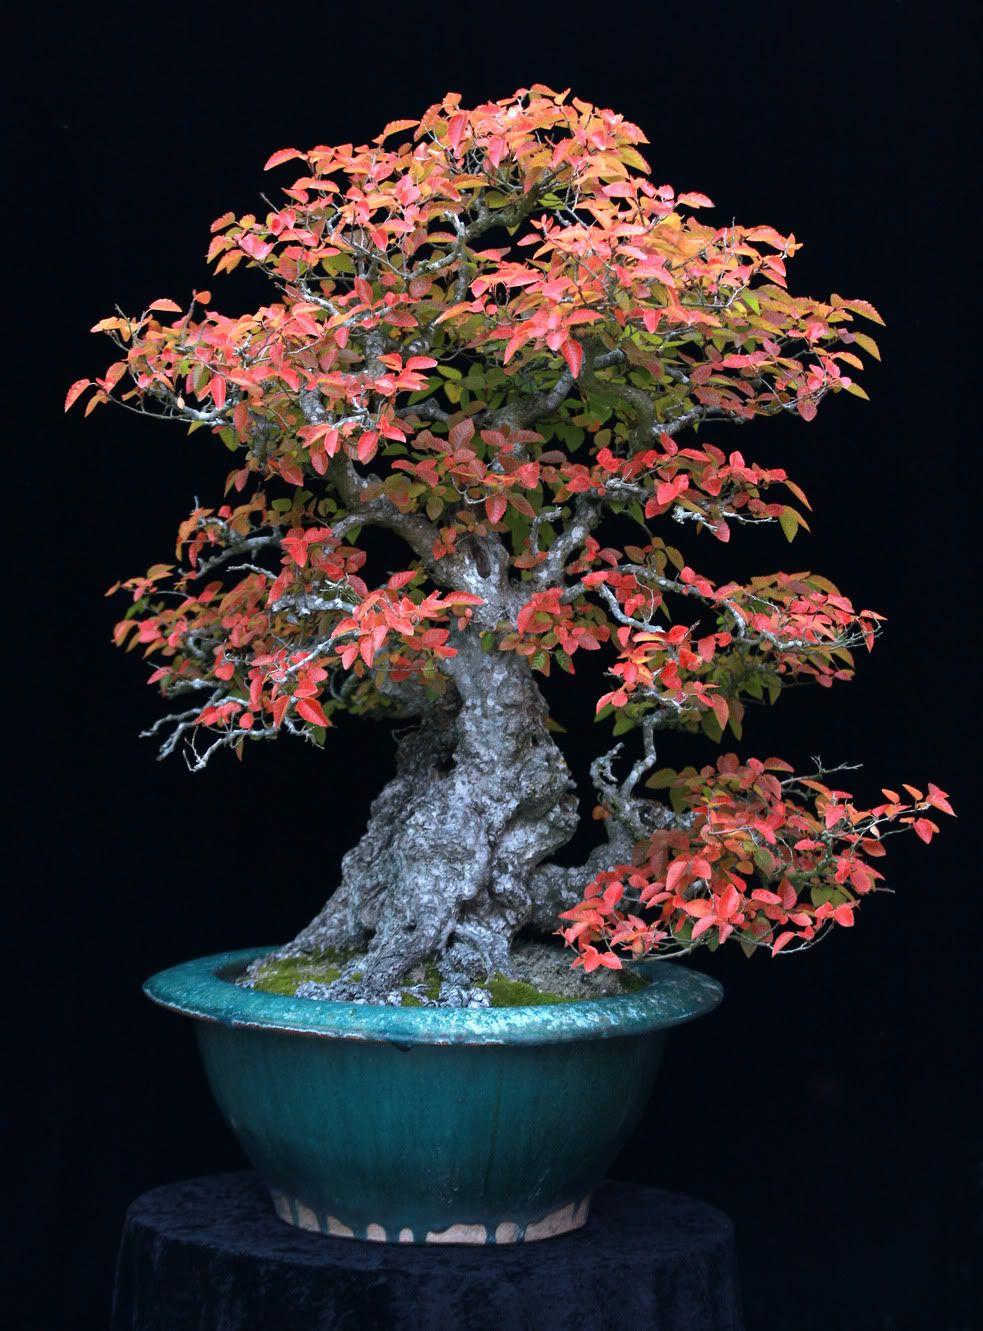 Gran nebari! La olla pequeña ronda muestra las raíces haciendo que el árbol parece grande y antigua, grande y cónica posicionamiento rama demasiado